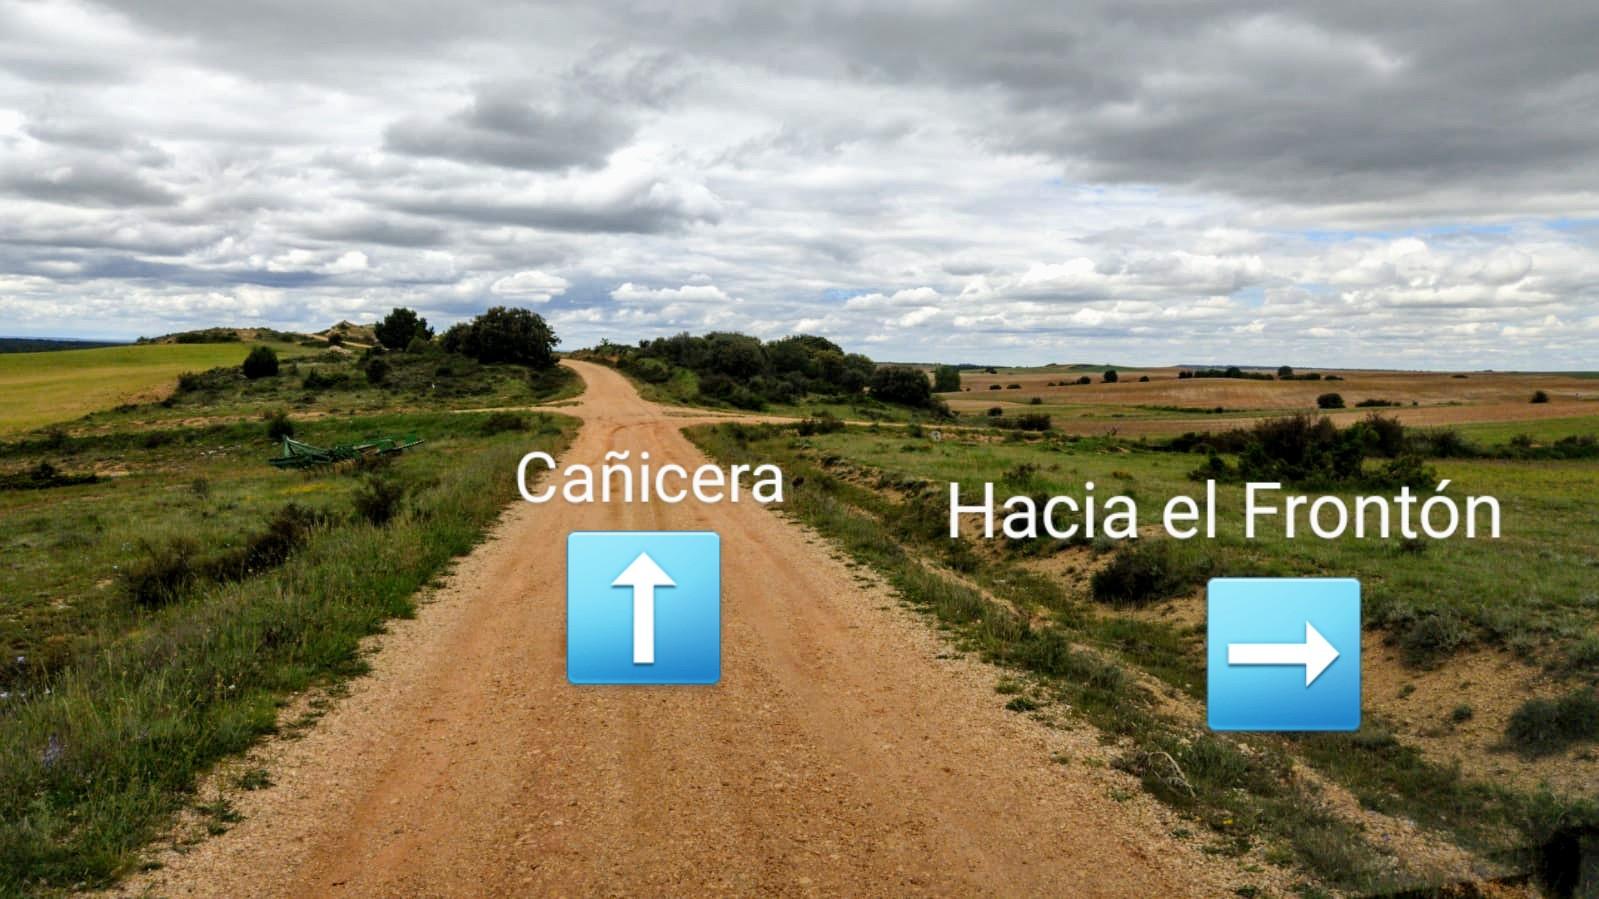 Caminos-de-Cañicera